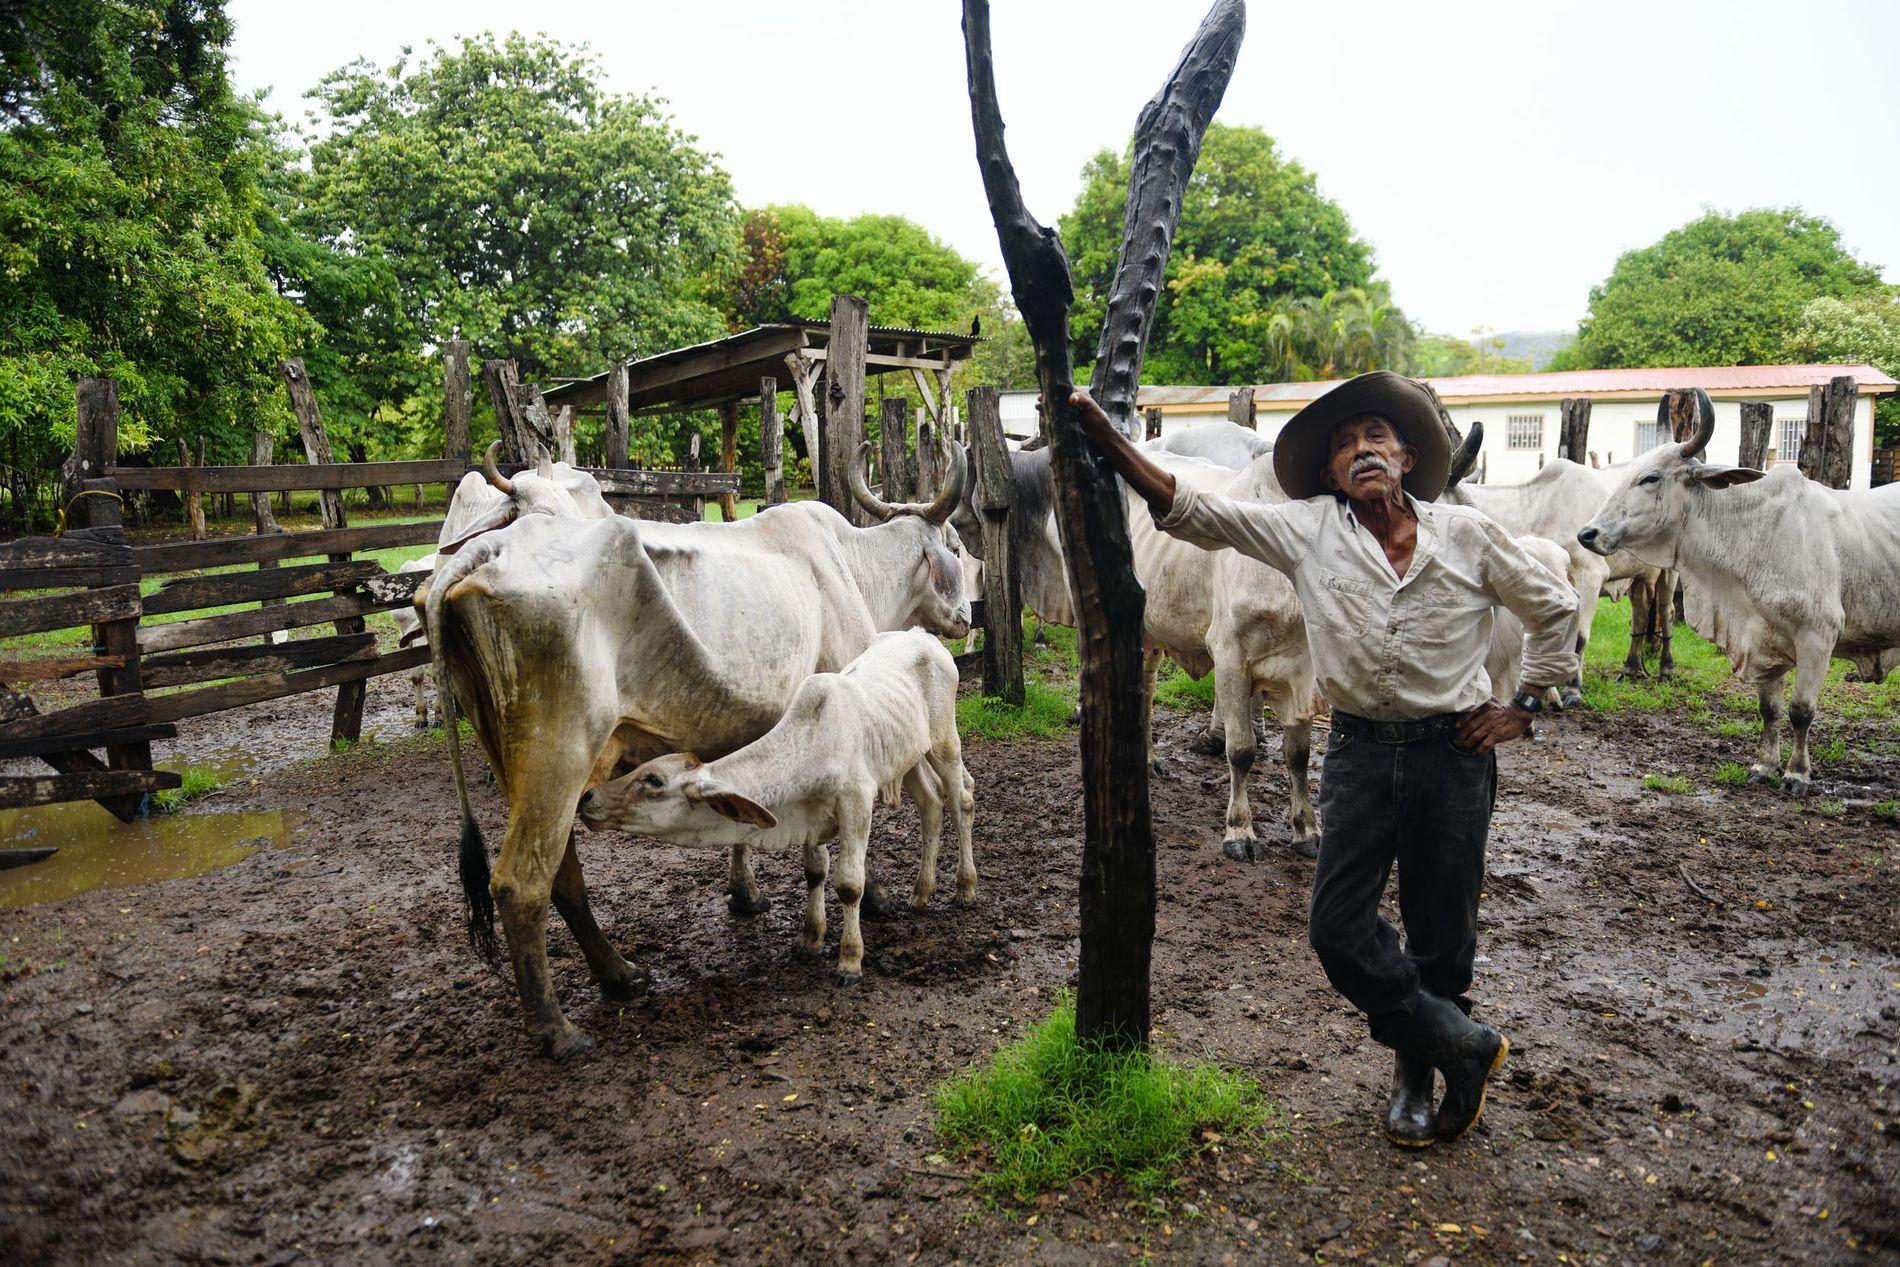 À bientôt 90 ans, Ramiro n'a pas de secret mais un rituel immuable : chaque jour, ...